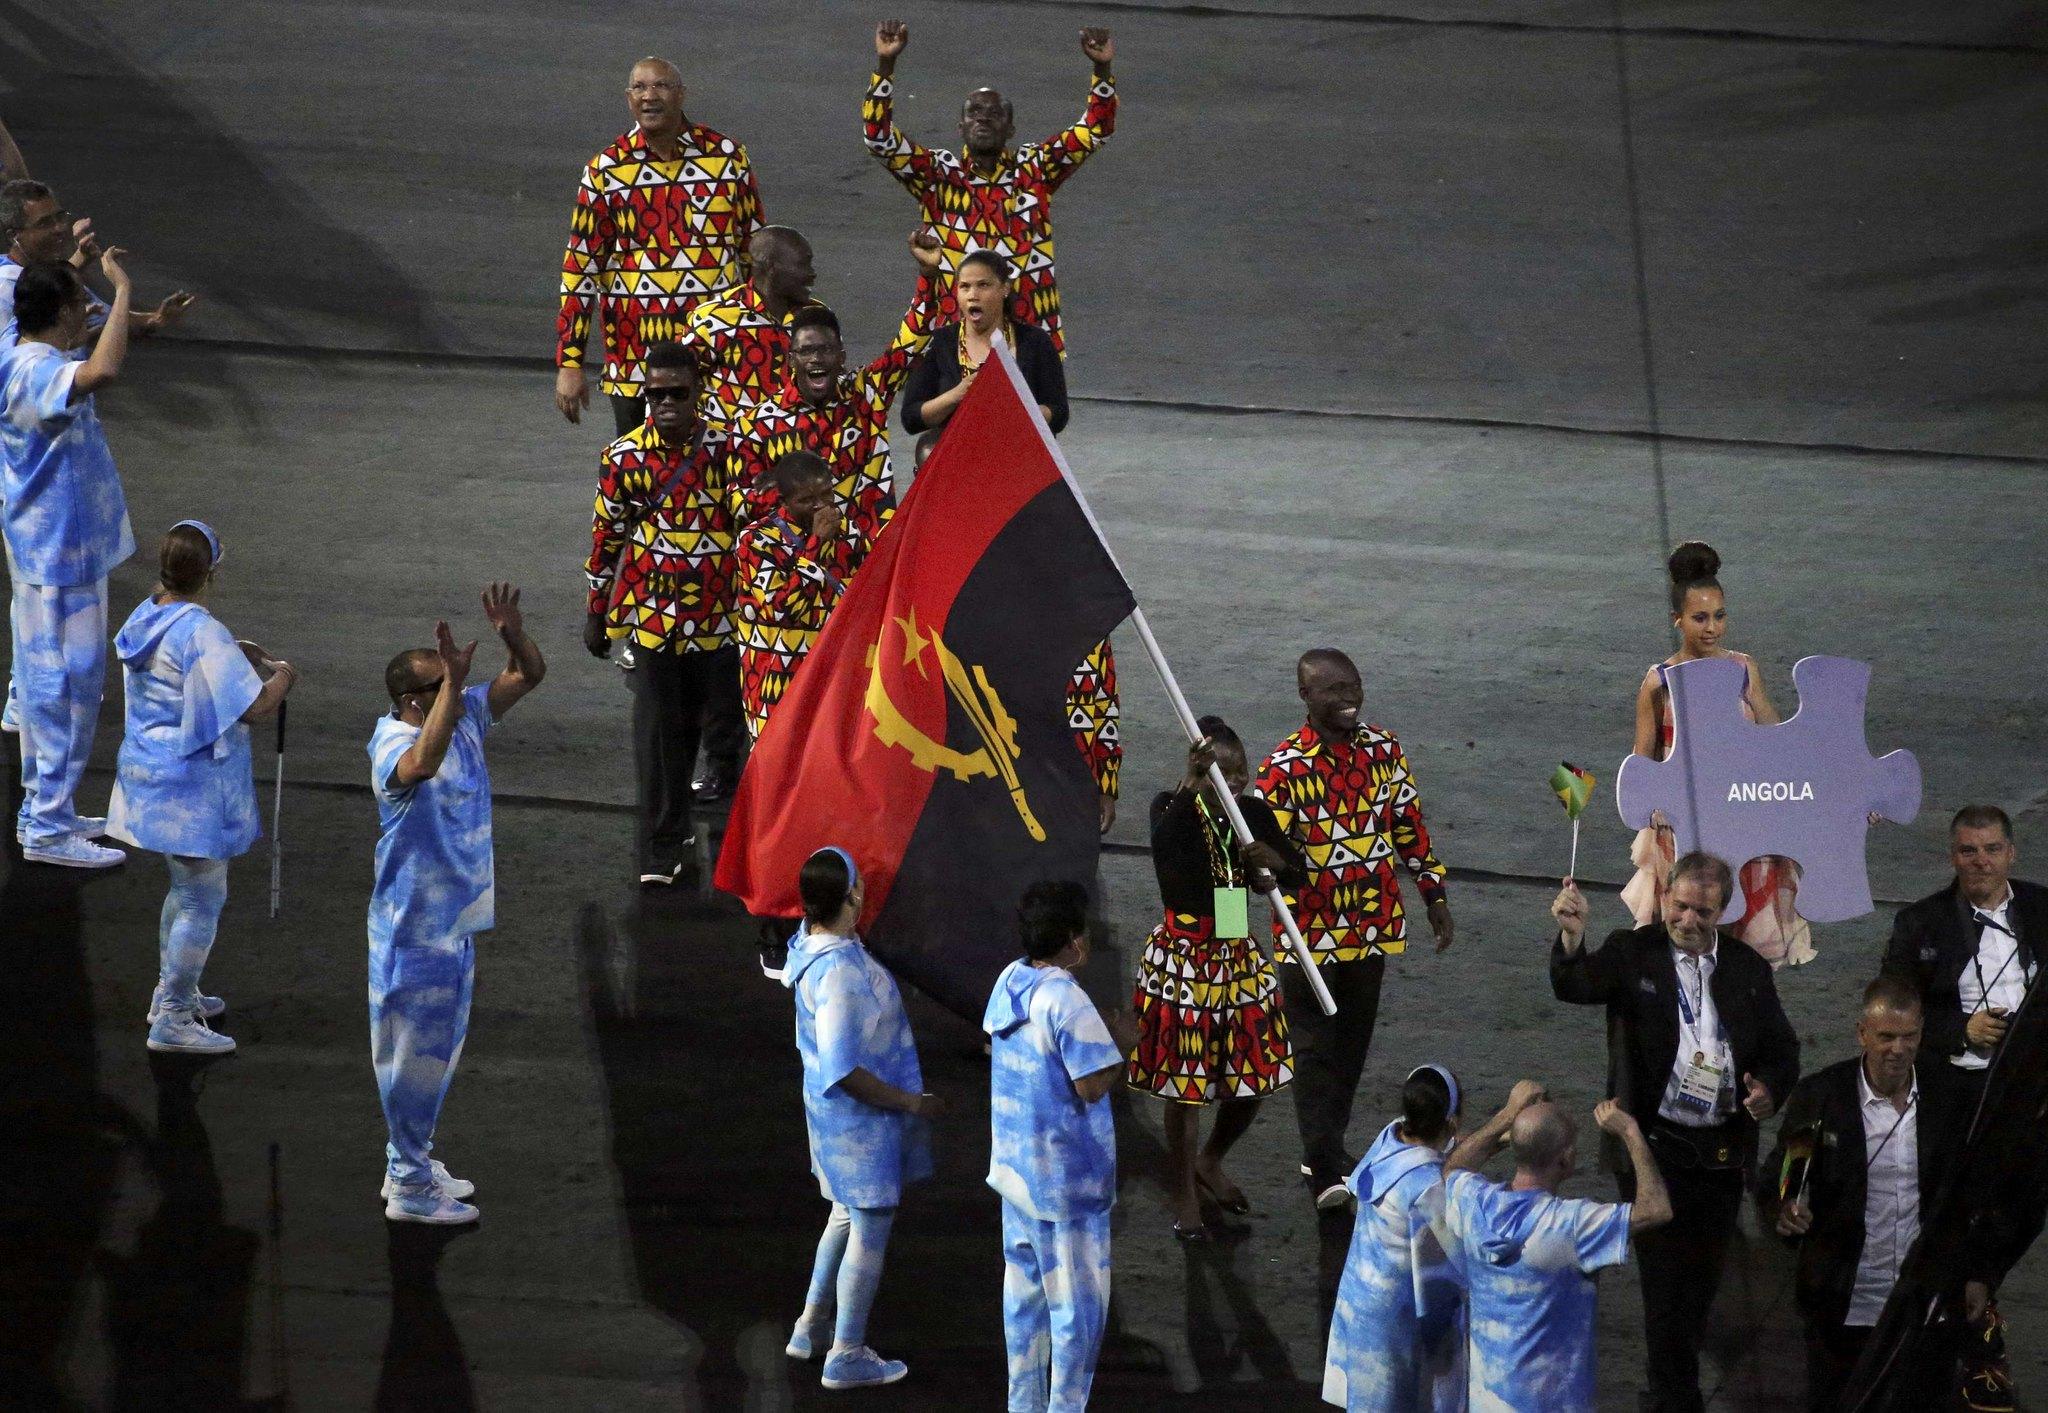 PARALYMPICS-RIO/OPENING